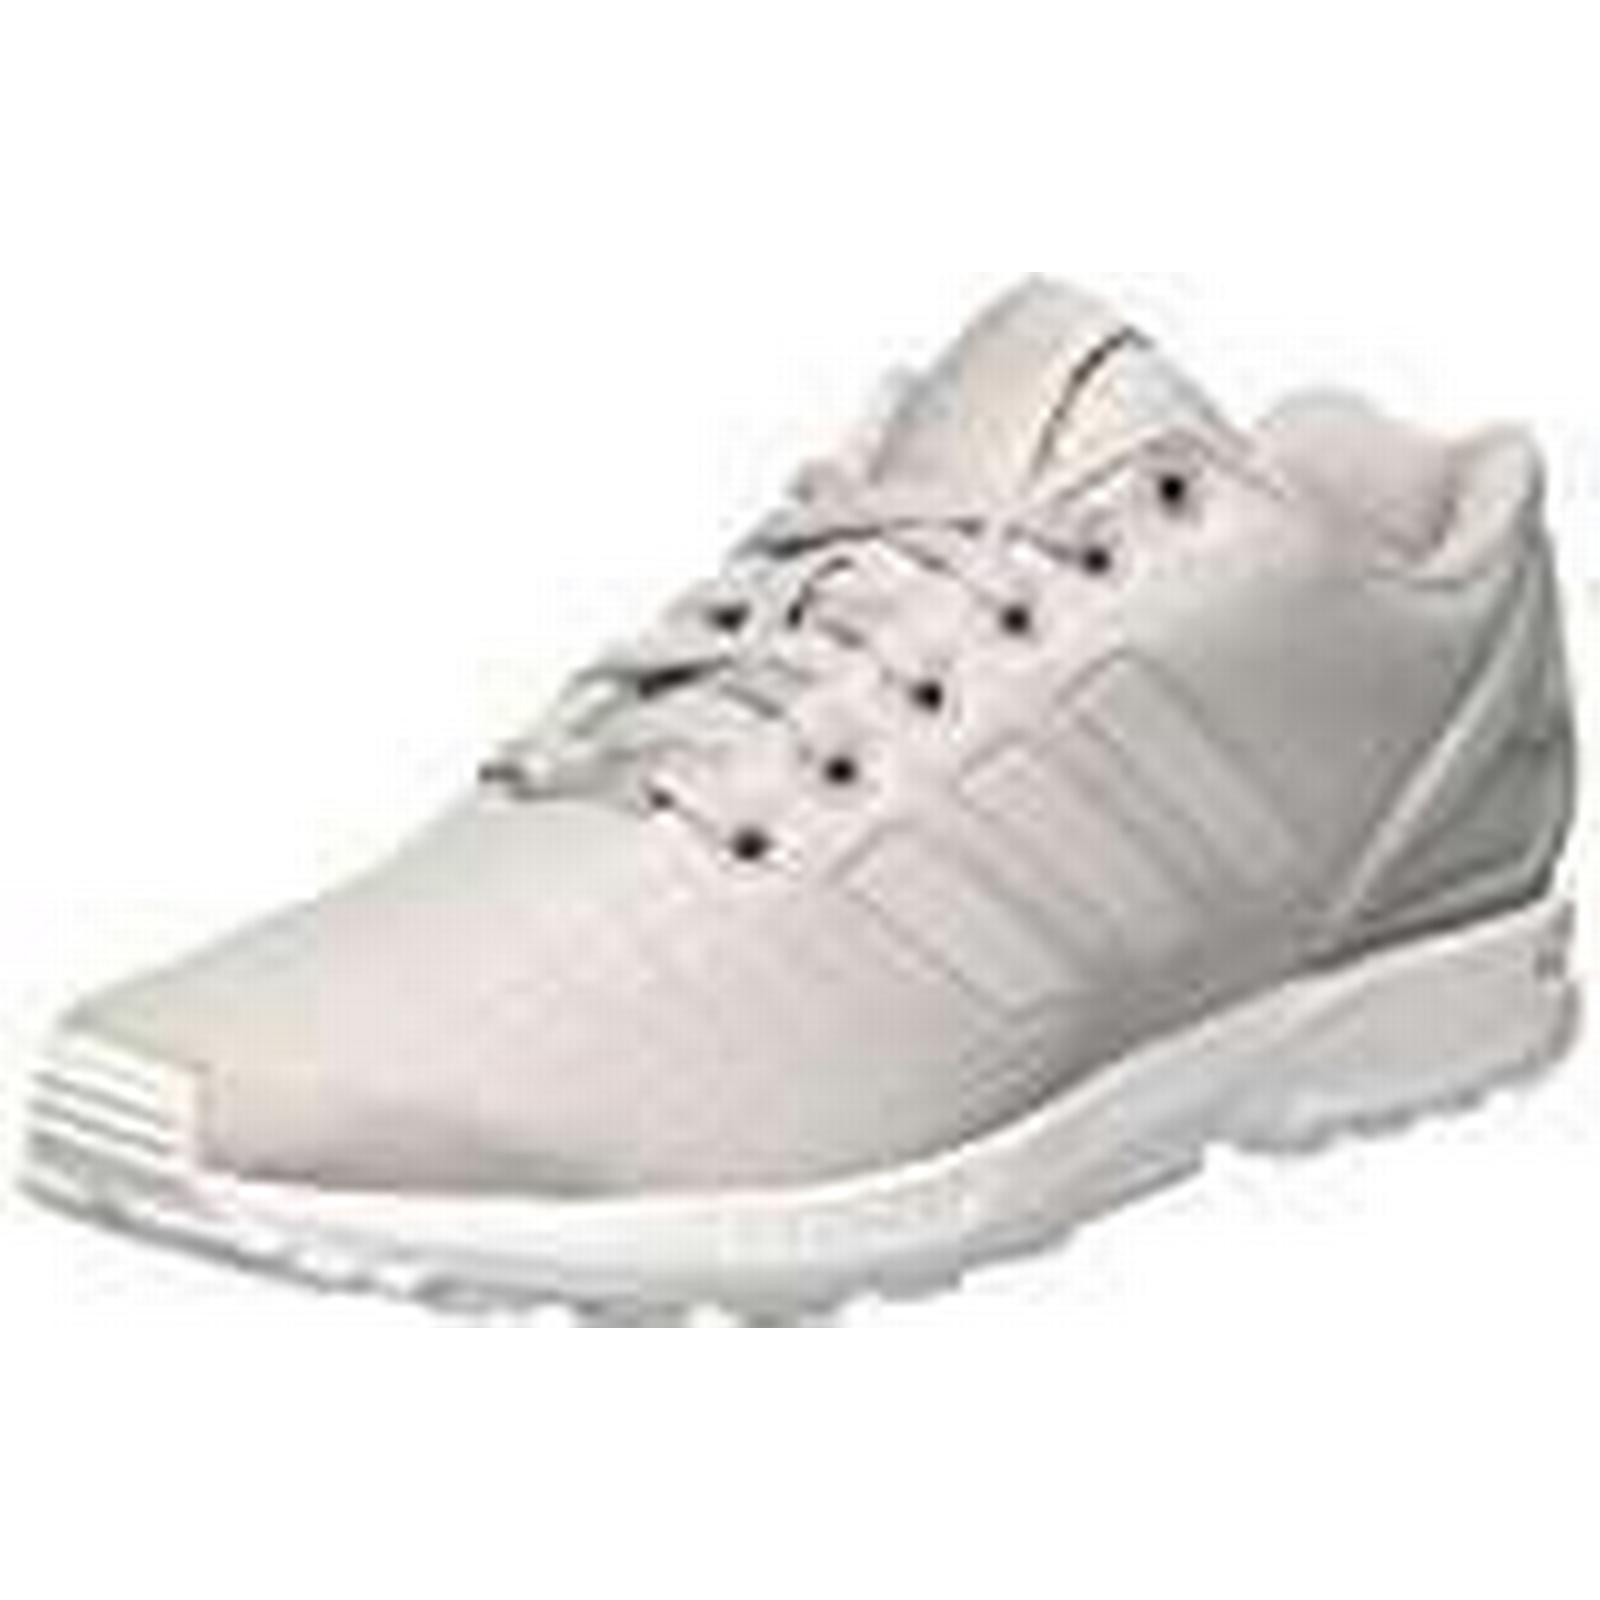 adidas zx flux grey 4.5